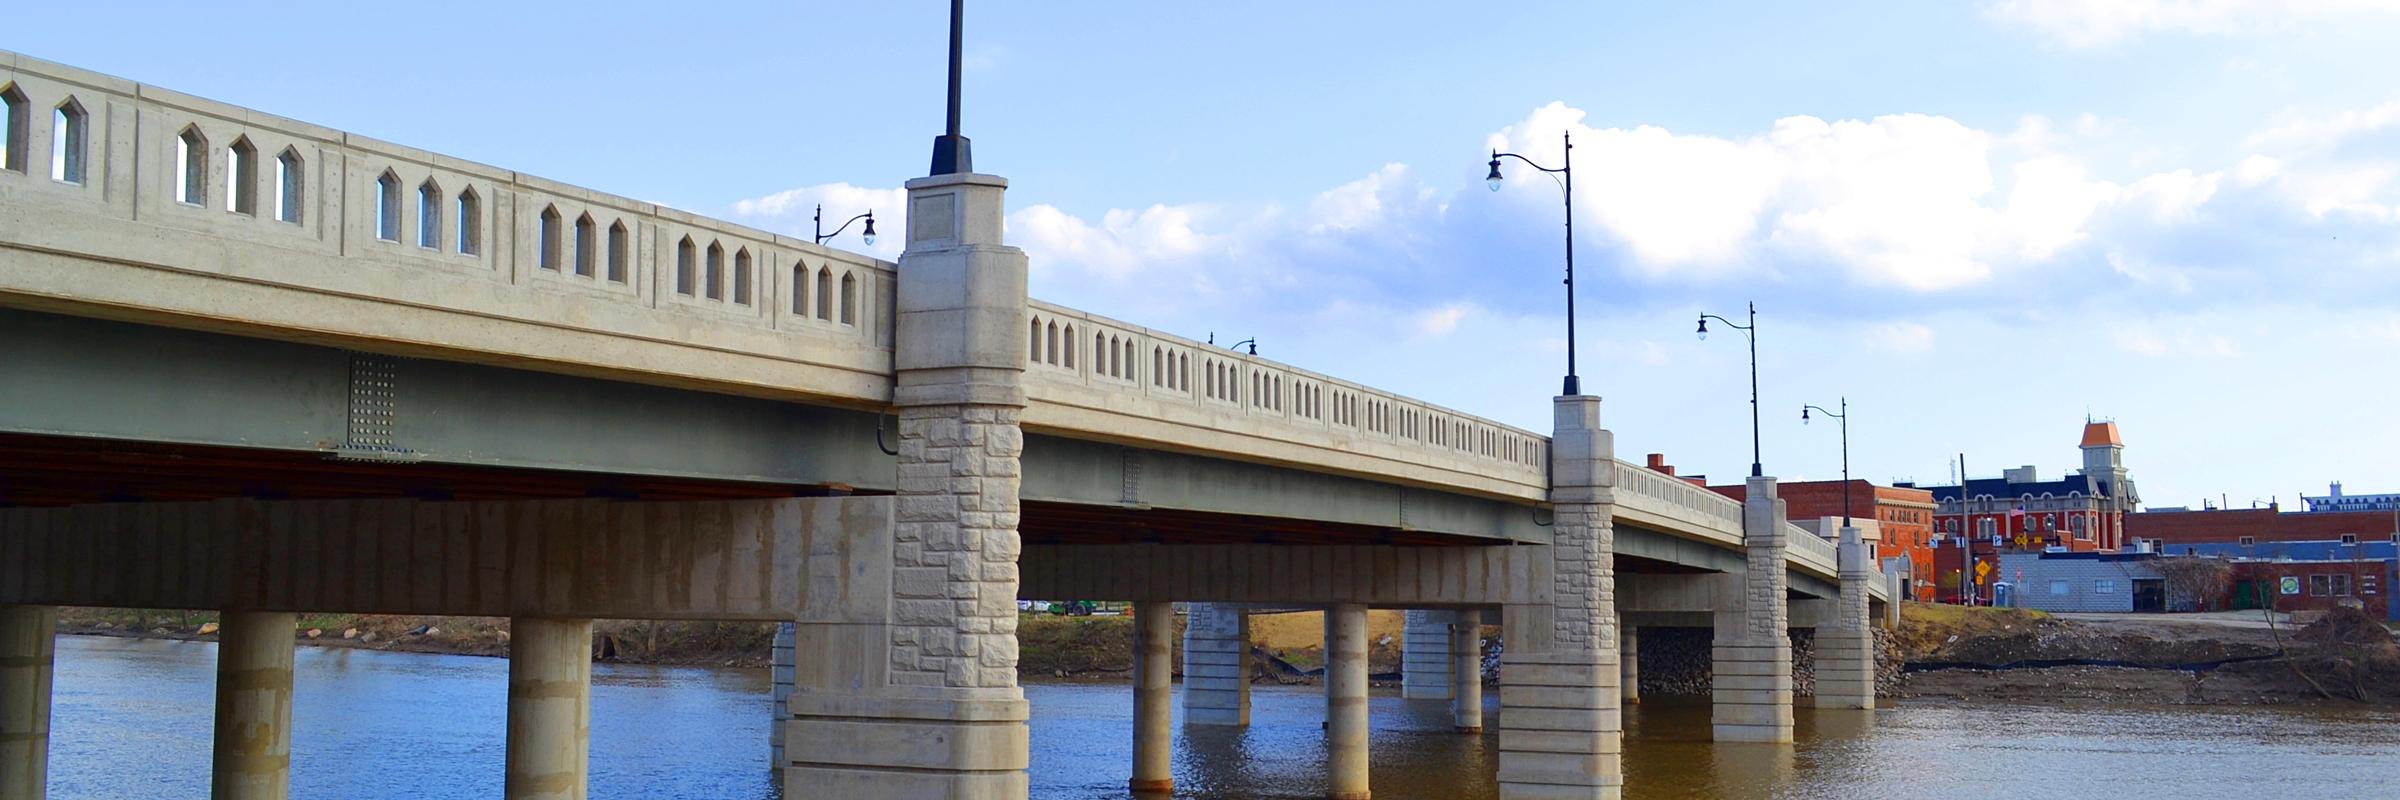 Purple Heart Bridge | photo by LG Images